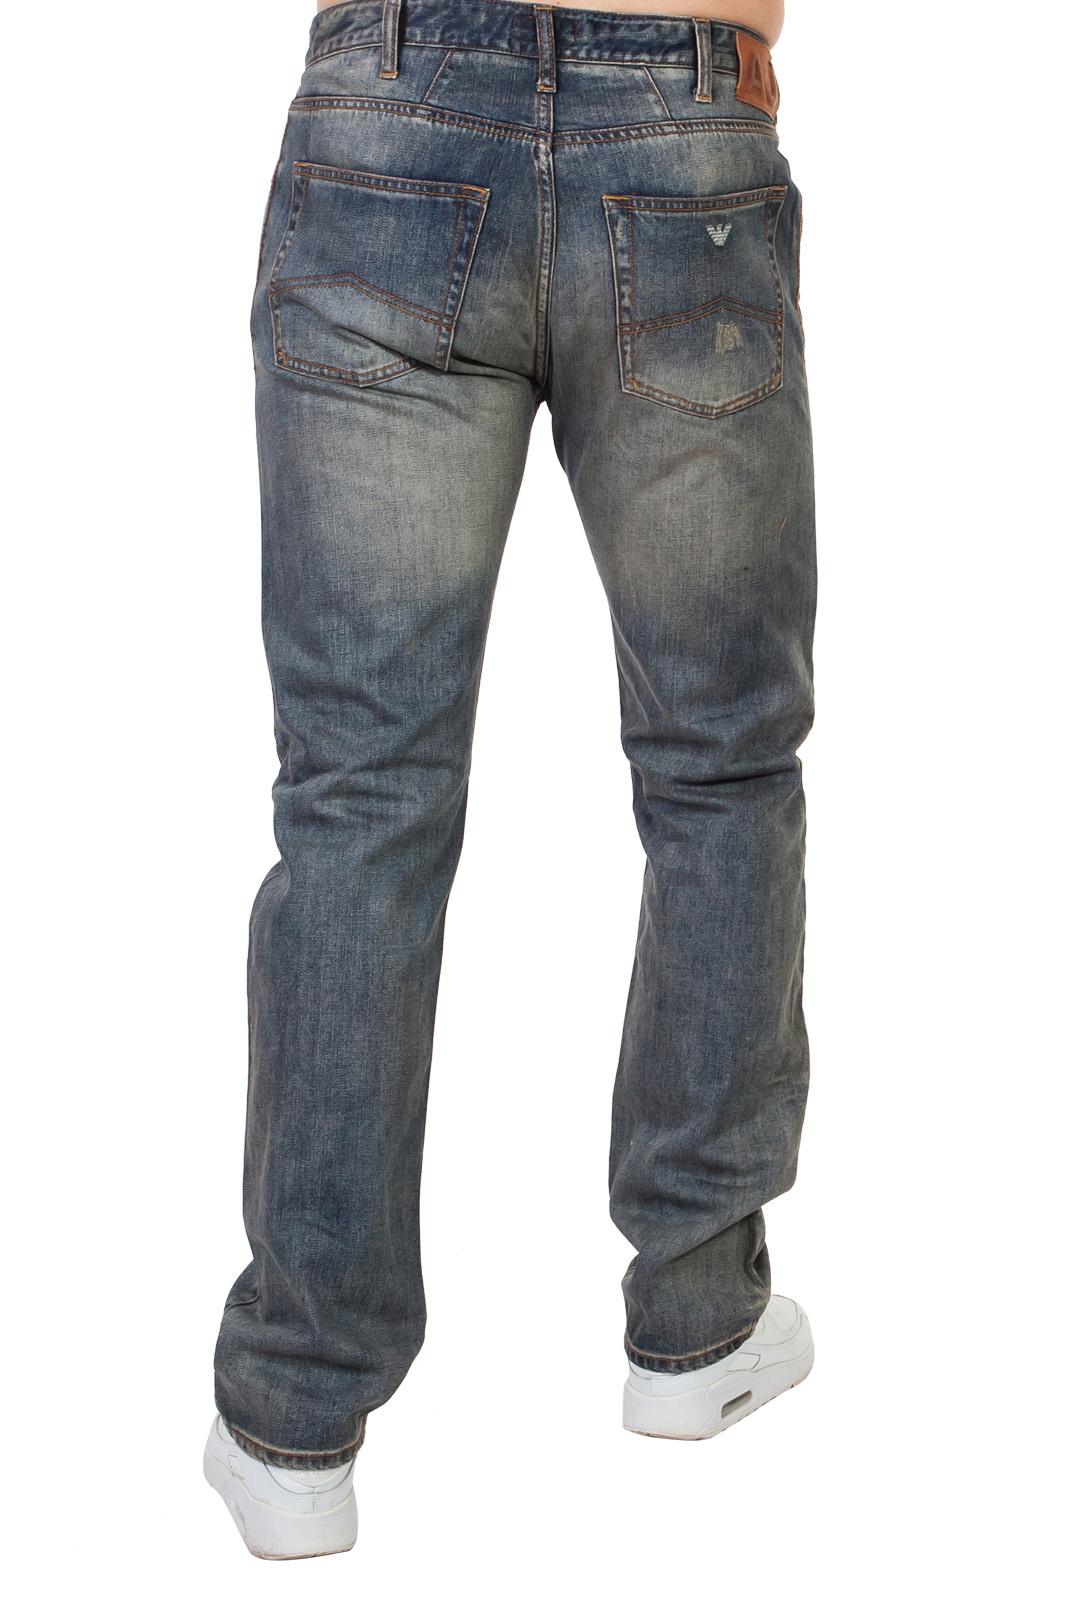 ИТАЛИЯ! Современные мужские джинсы Армани.